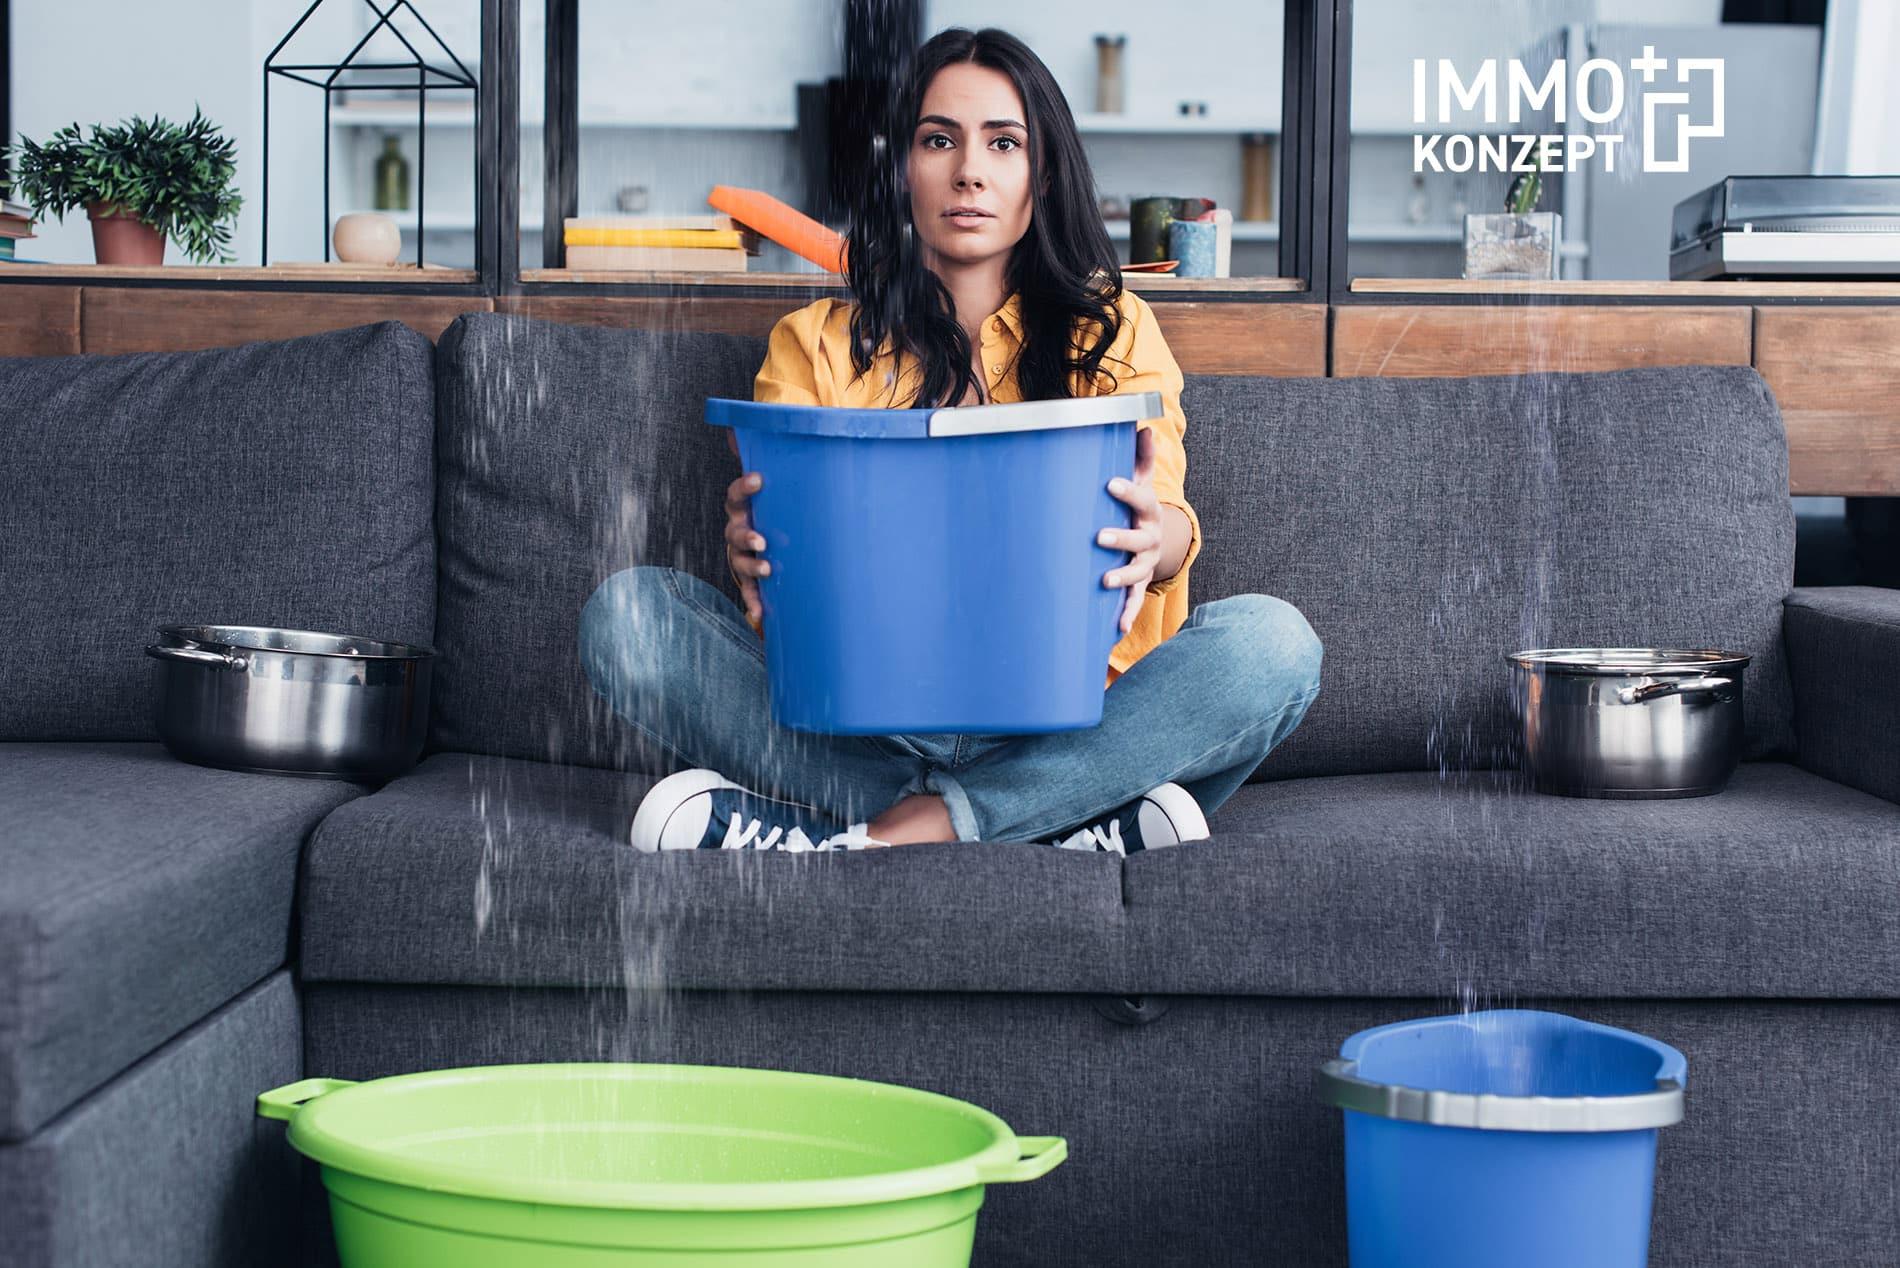 Wasserschaden In Der Mietwohnung: Haftung Durch Den Mieter?